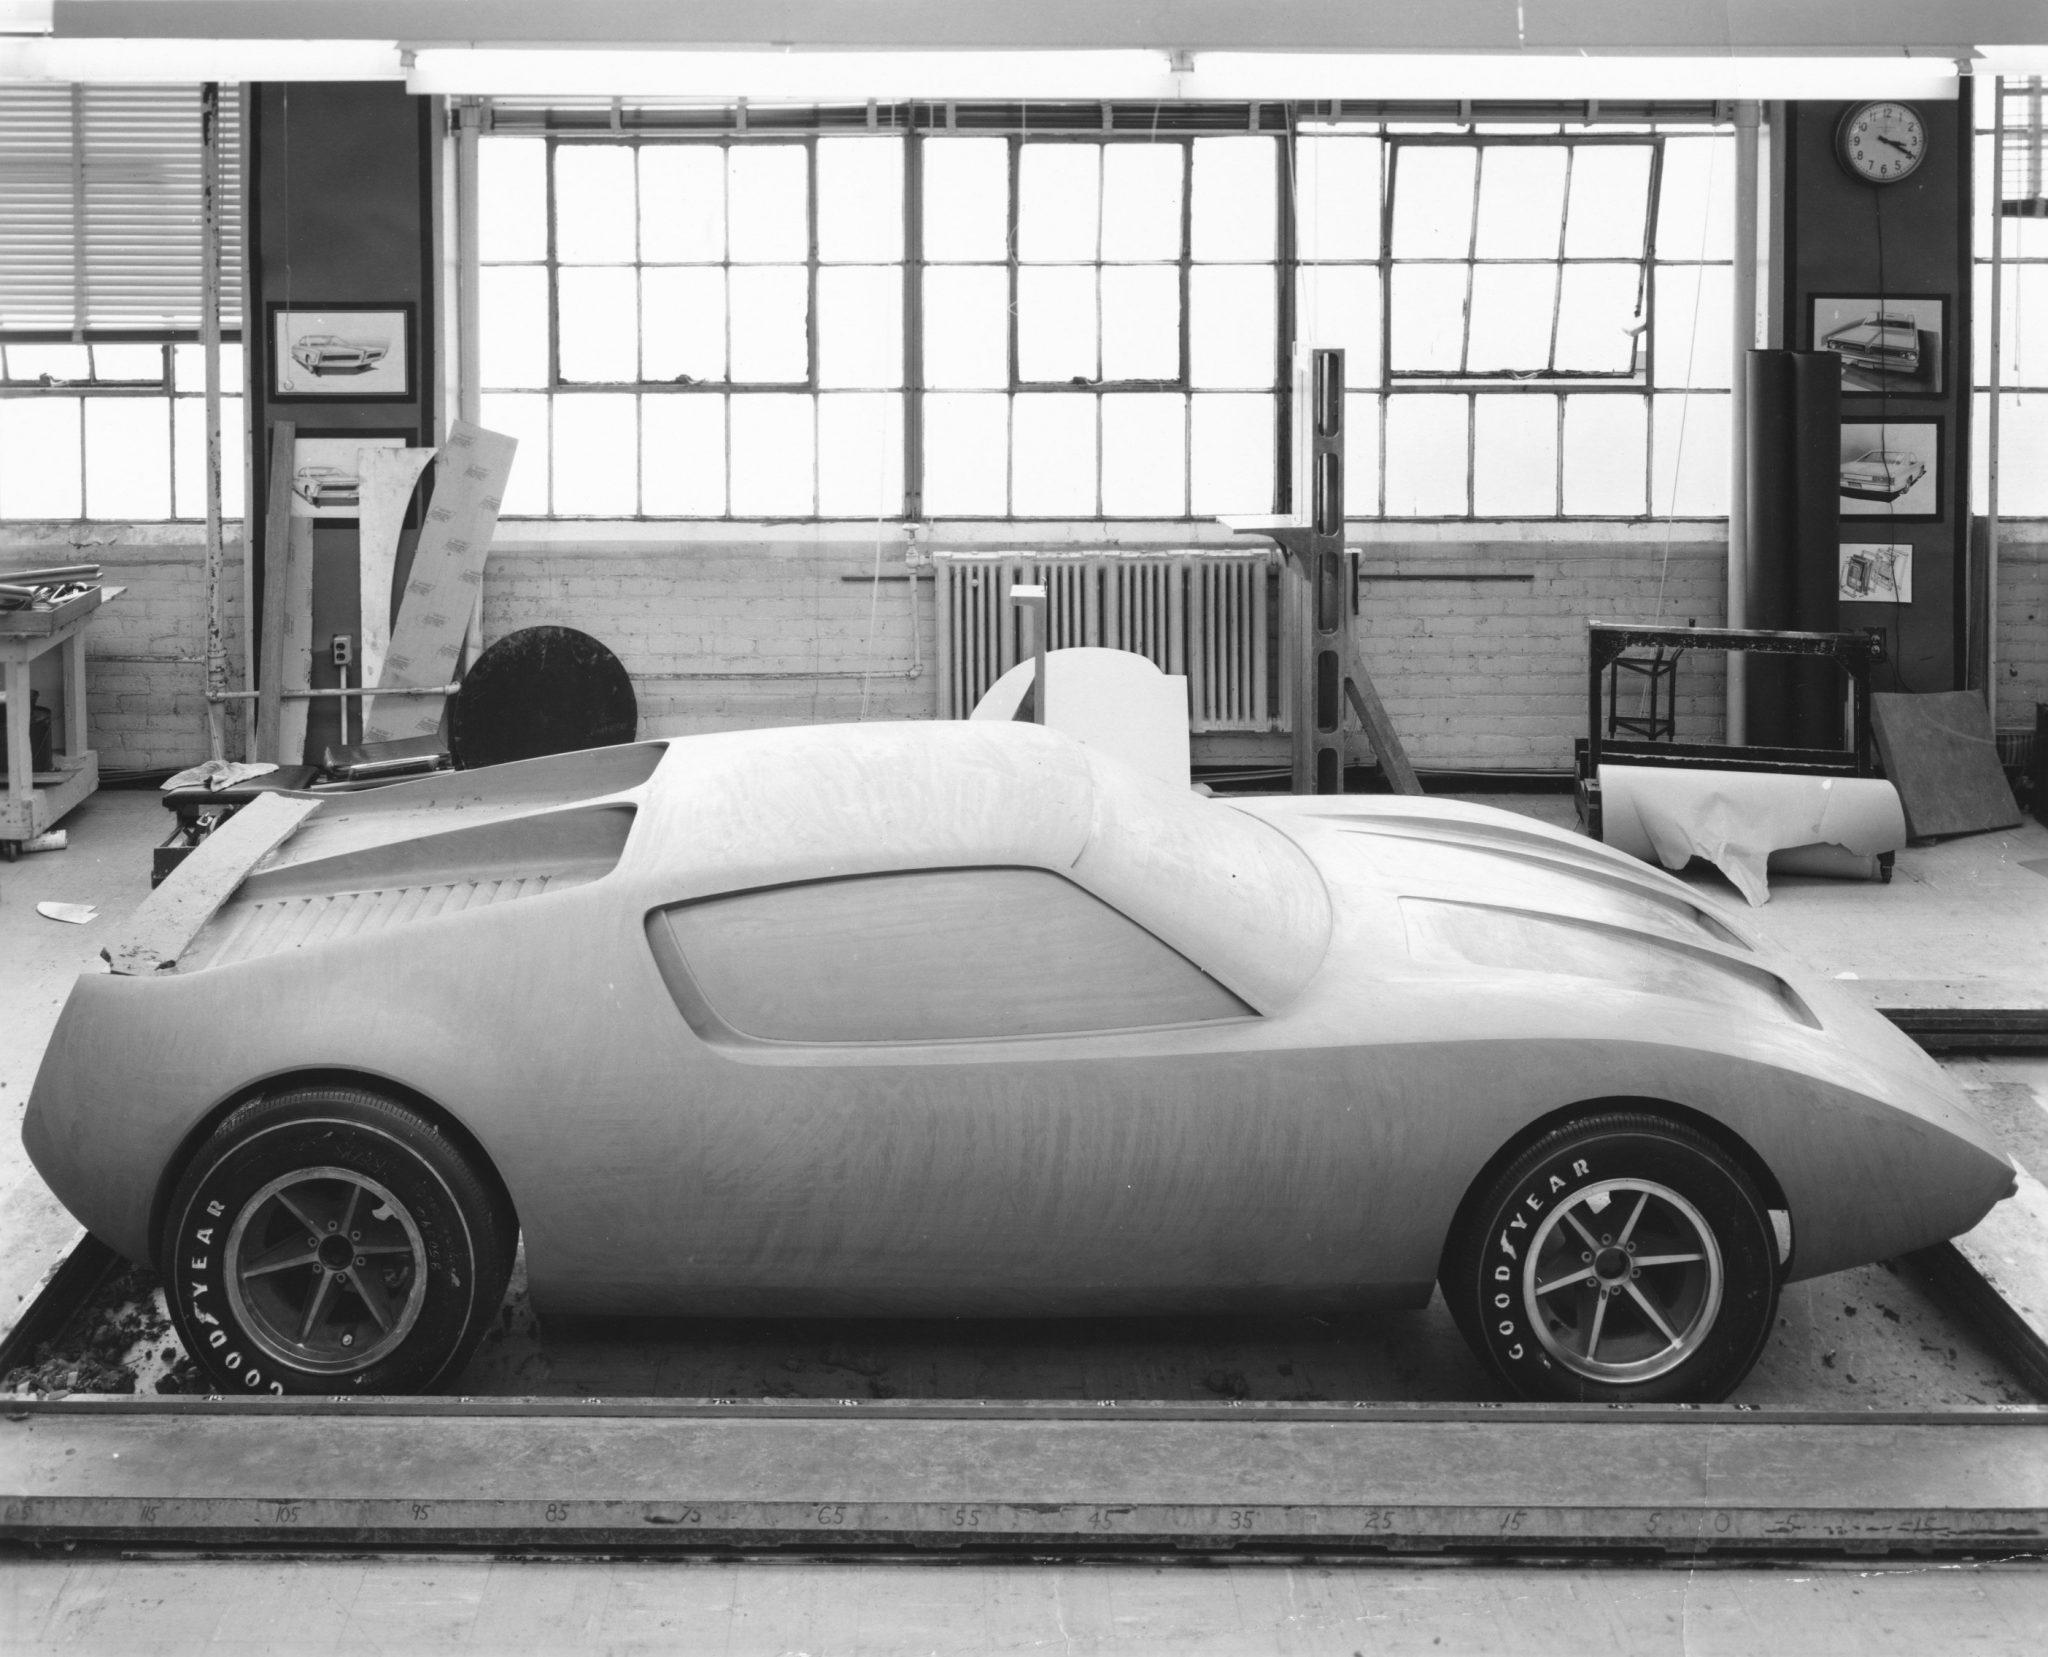 American Motors AMX2 Clay Concept